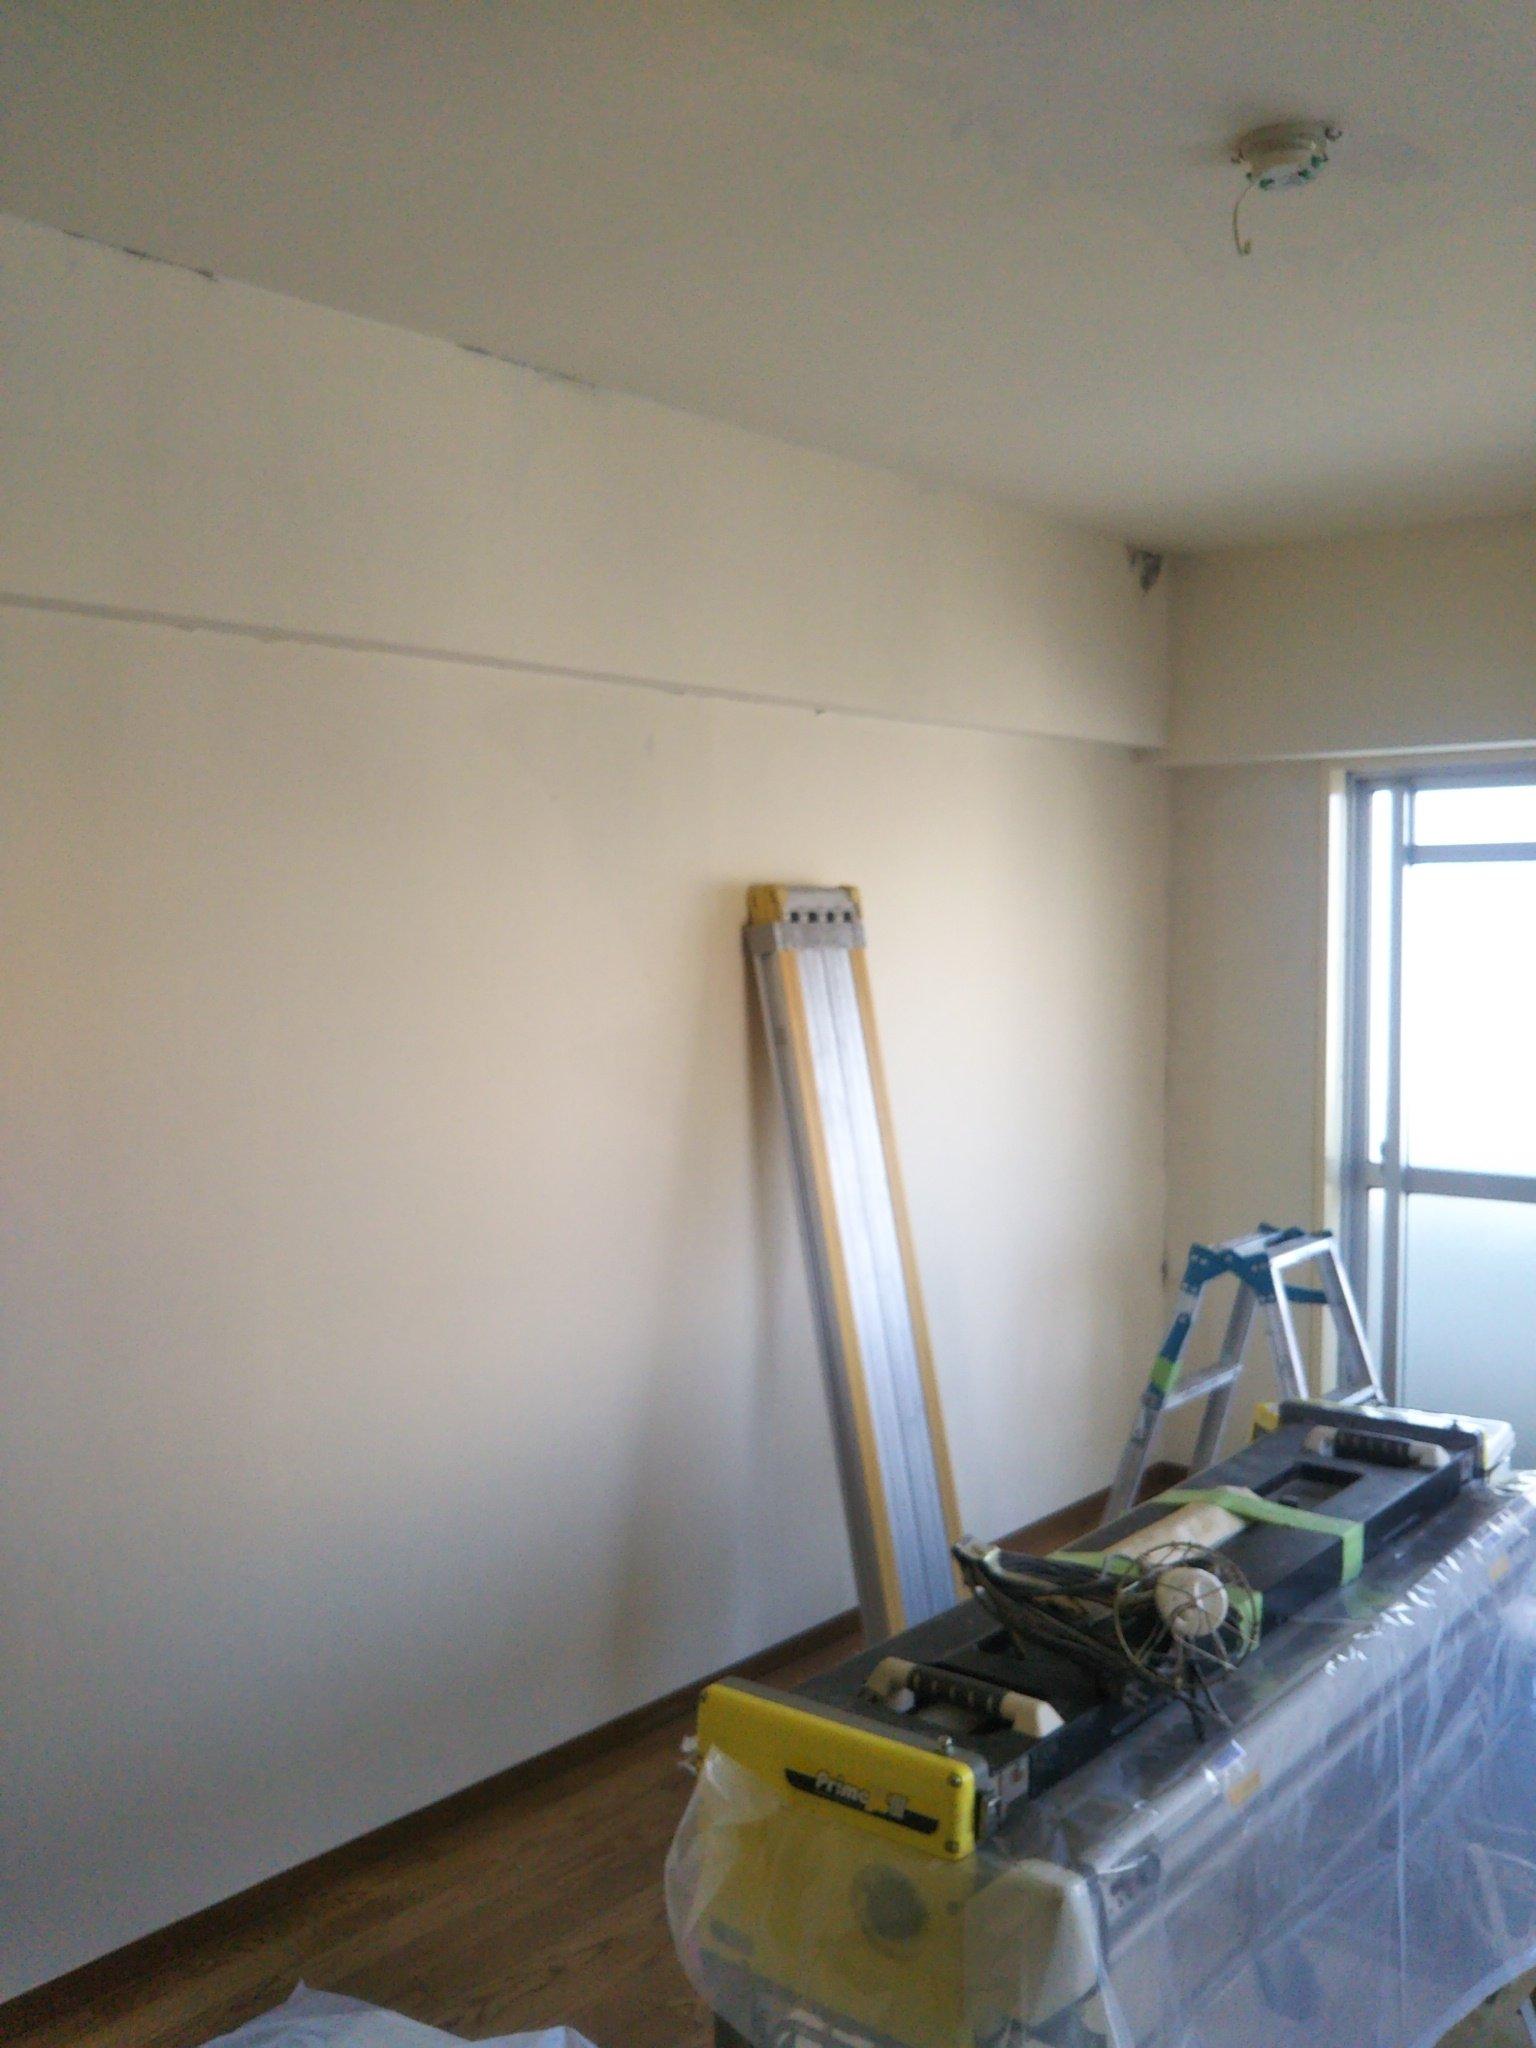 北区十条 賃貸マンションの壁紙張り替え 壁紙なら北区赤羽インテリア